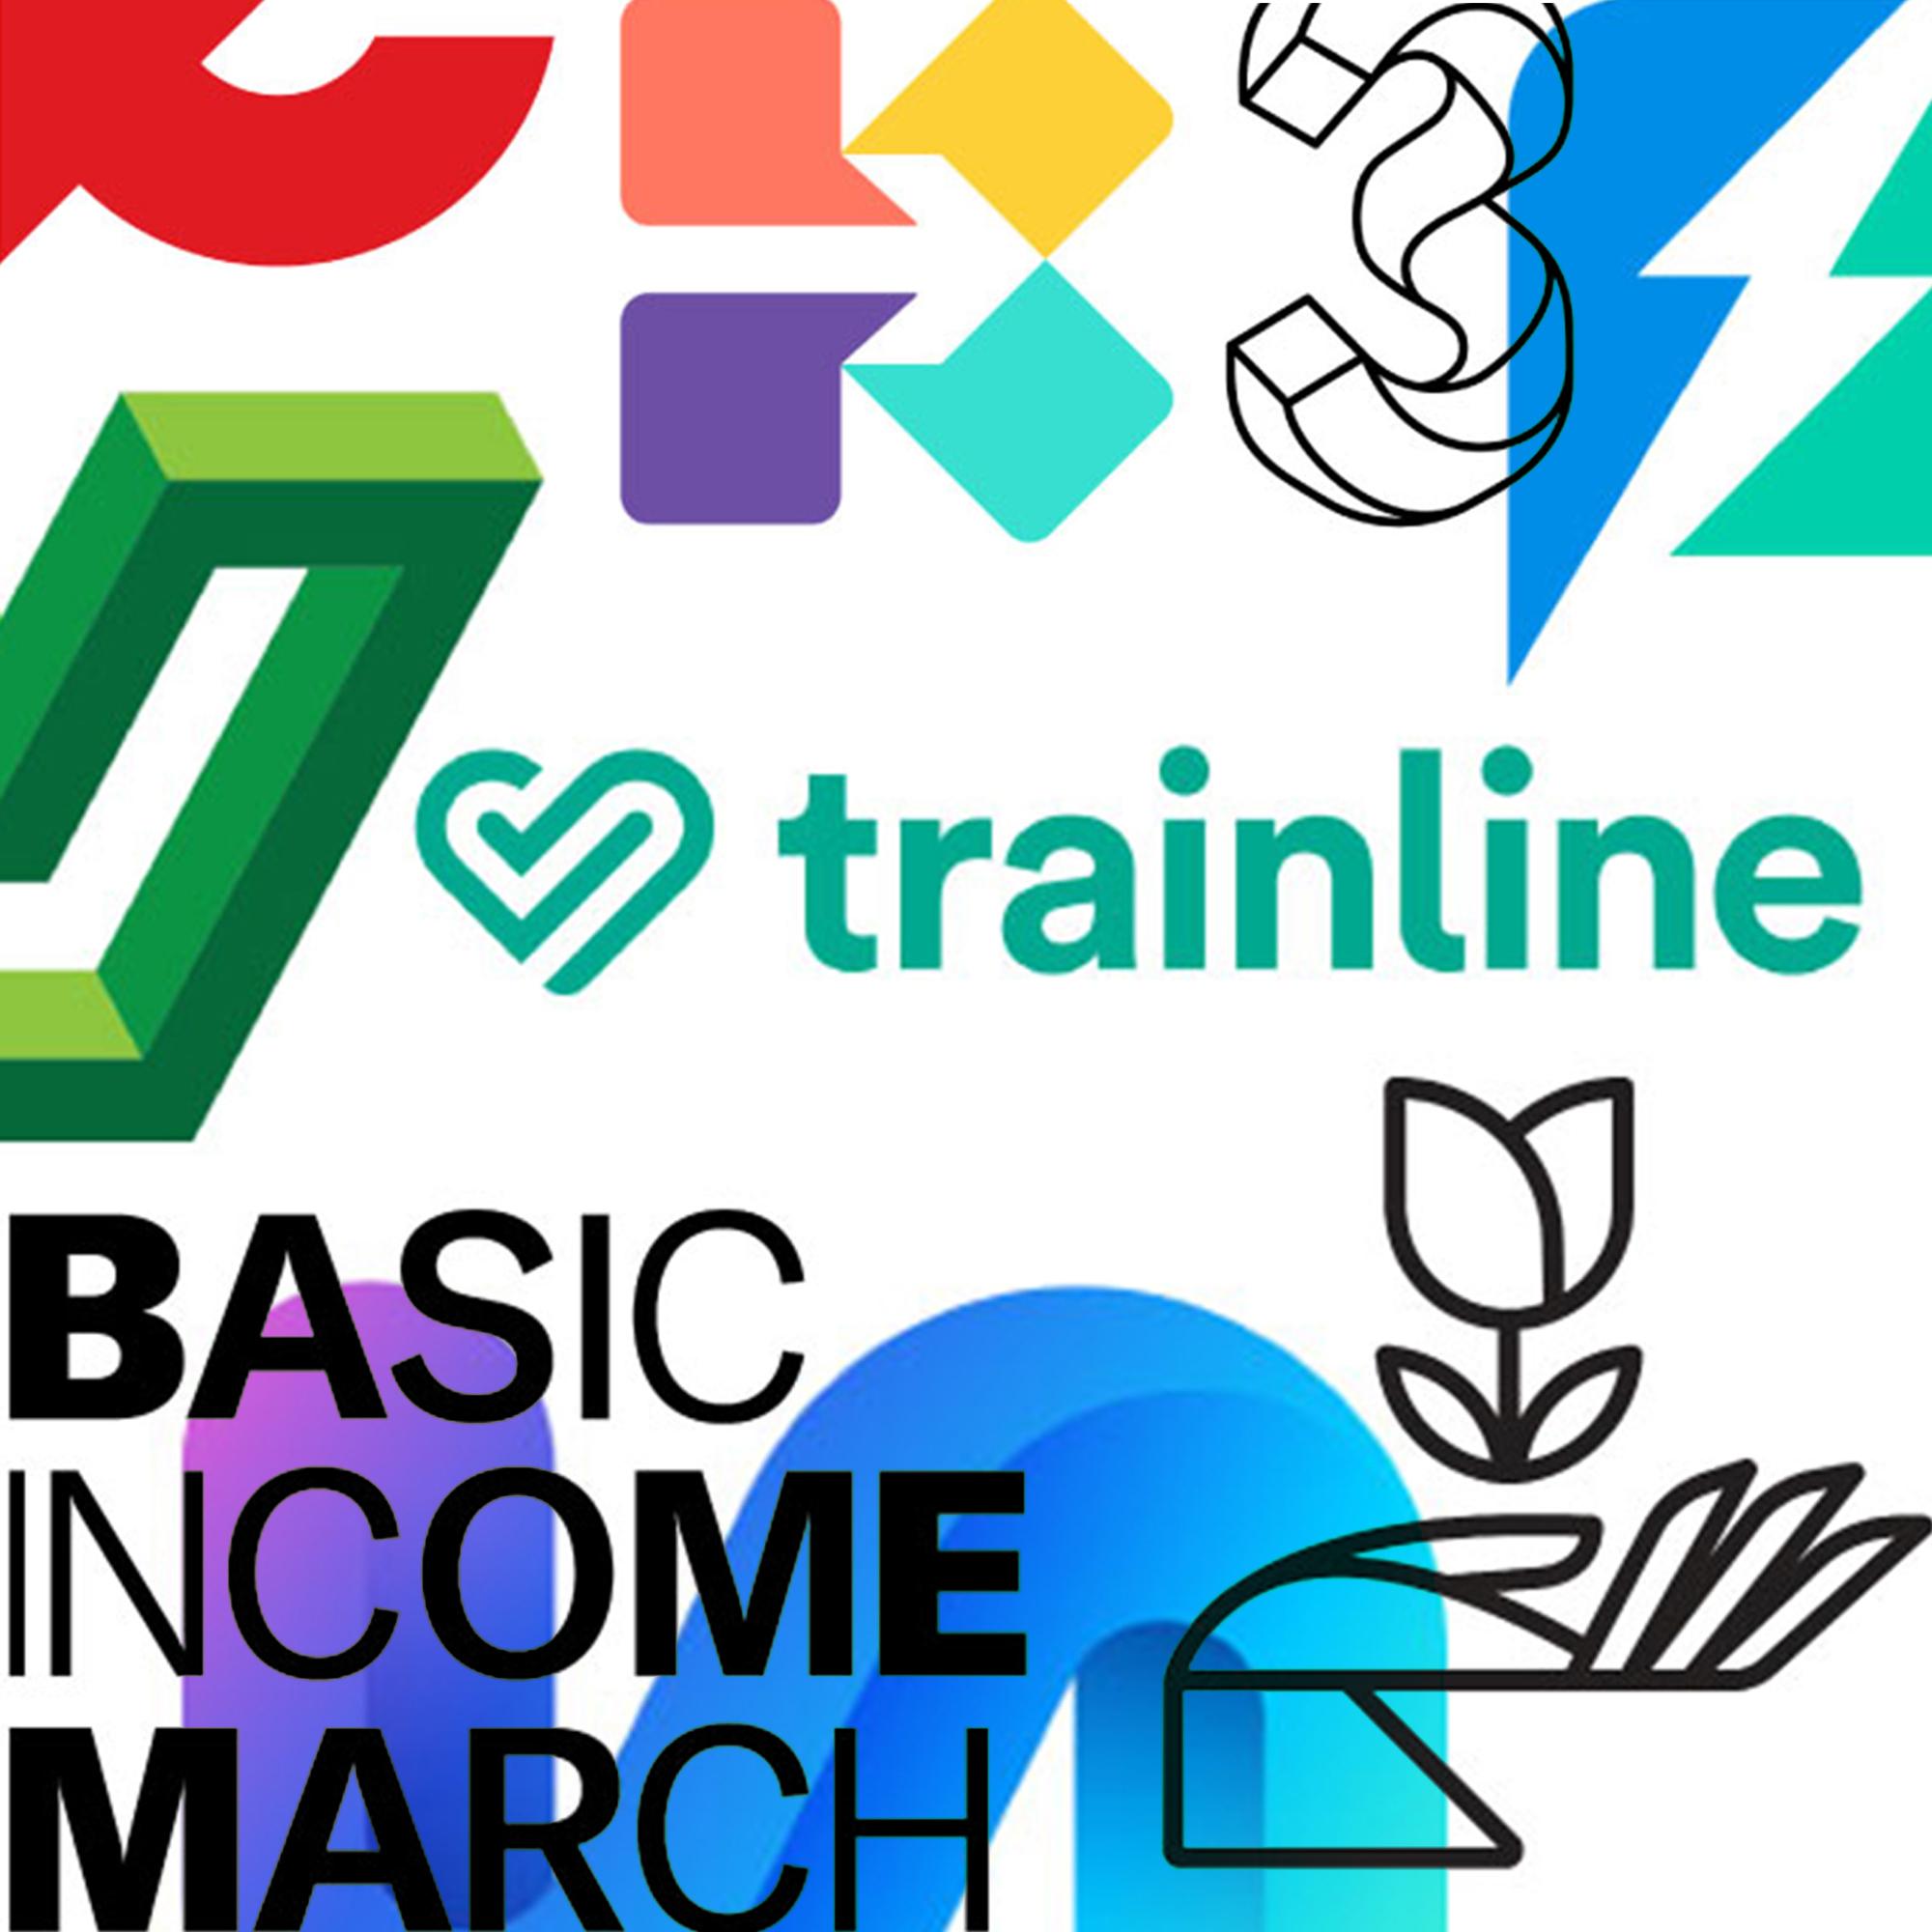 Дизайн логотипов 2020. Свежие тренды в переводе LogoLounge trend Report Билла Гарднера